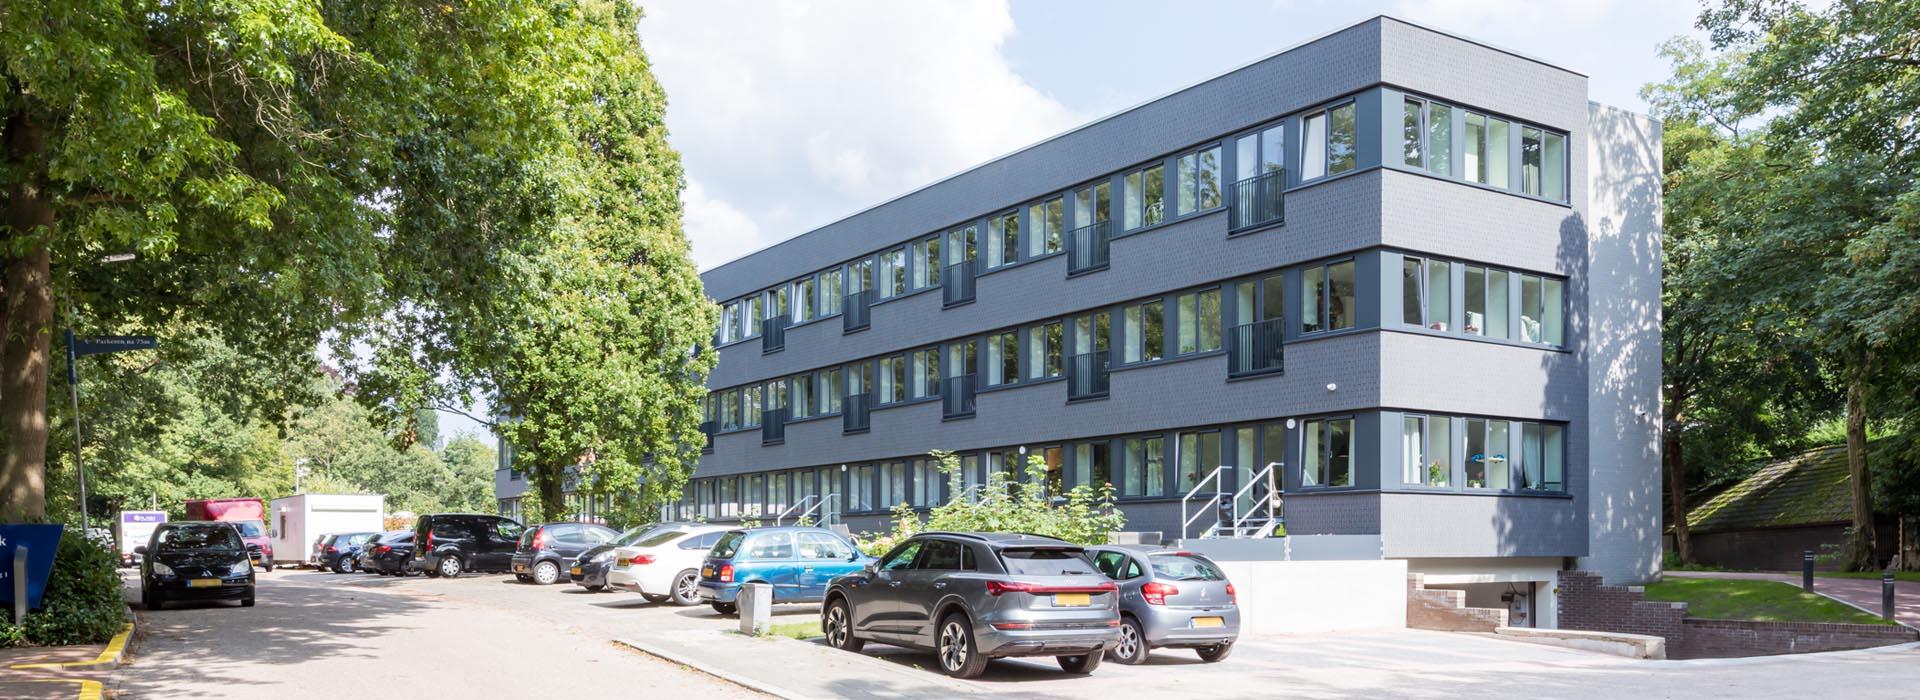 Exterior building Lorentz in Zeist